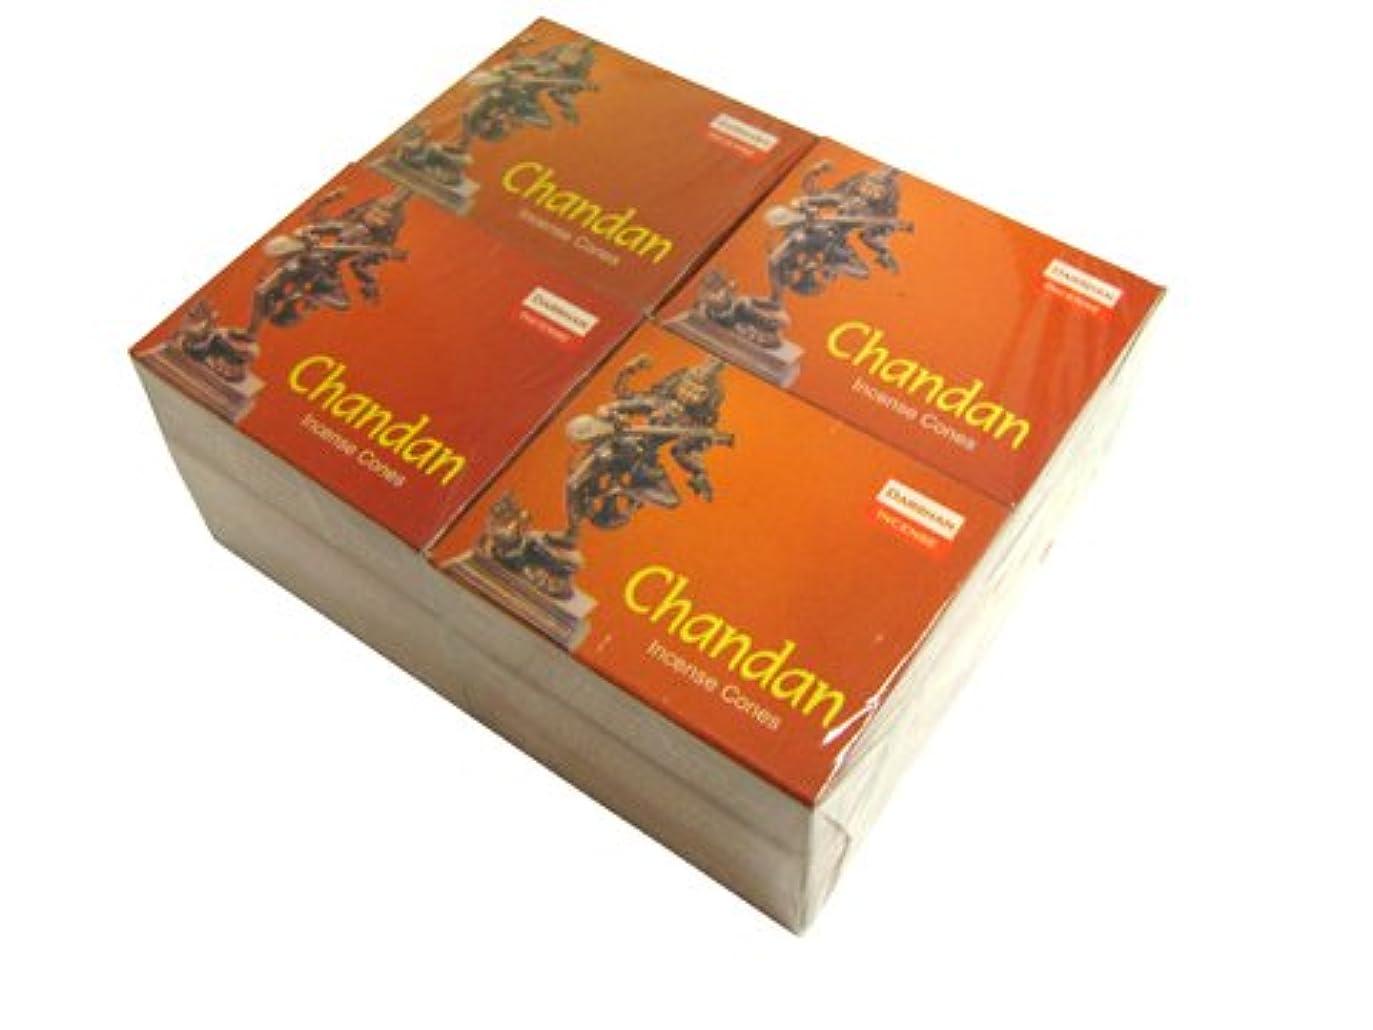 チチカカ湖デジタルネックレスDARSHAN(ダルシャン) チャンダン香 コーンタイプ CHANDAN CORN 12箱セット